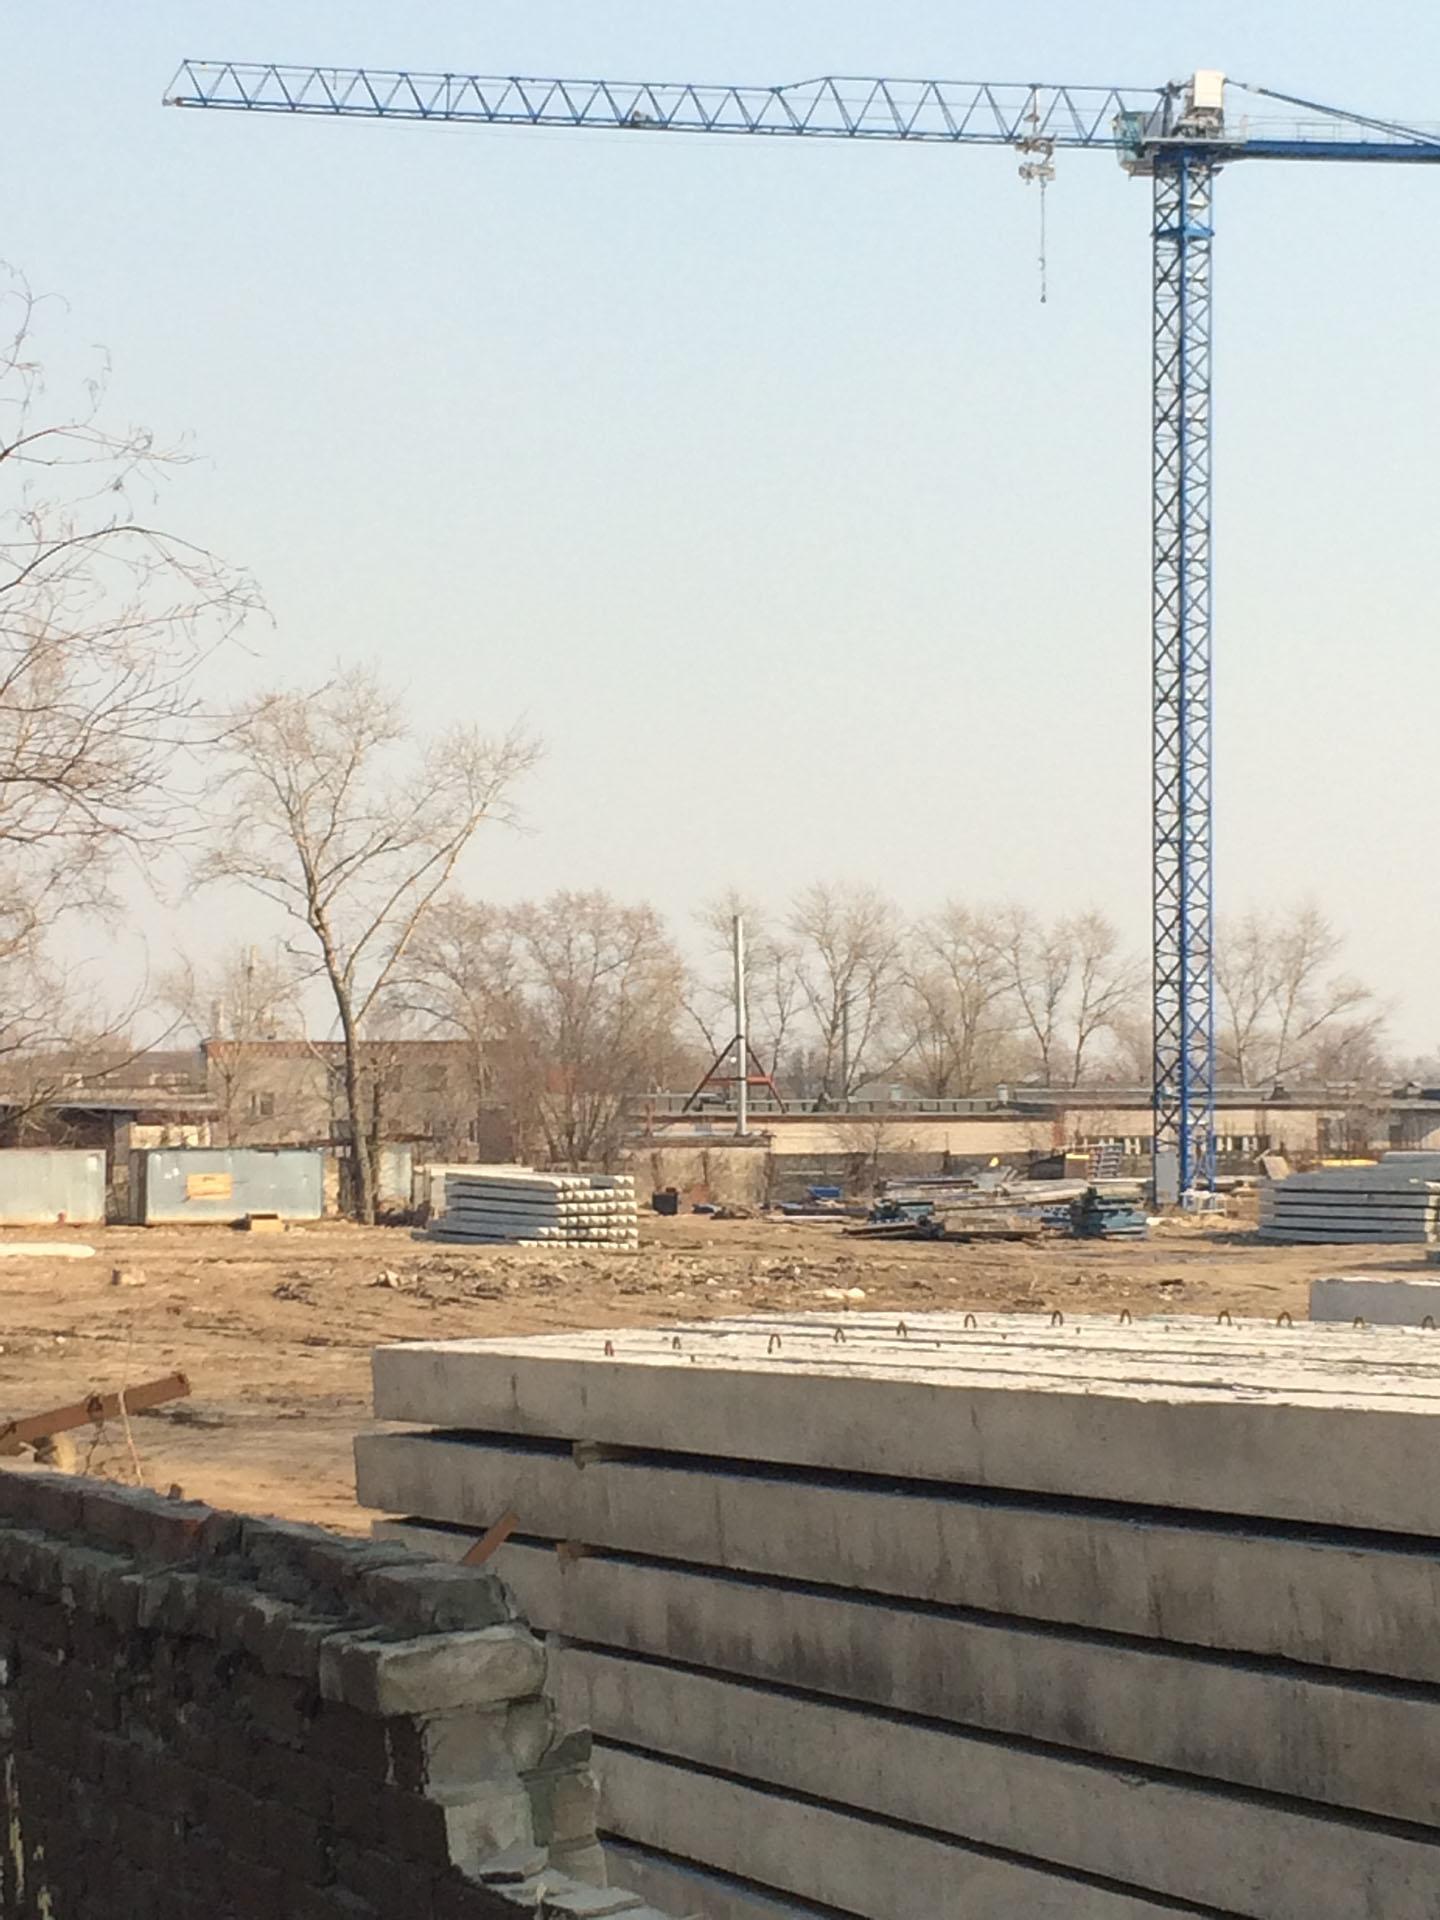 Стройплощадка, нового жилого комплекса, с башенным краном